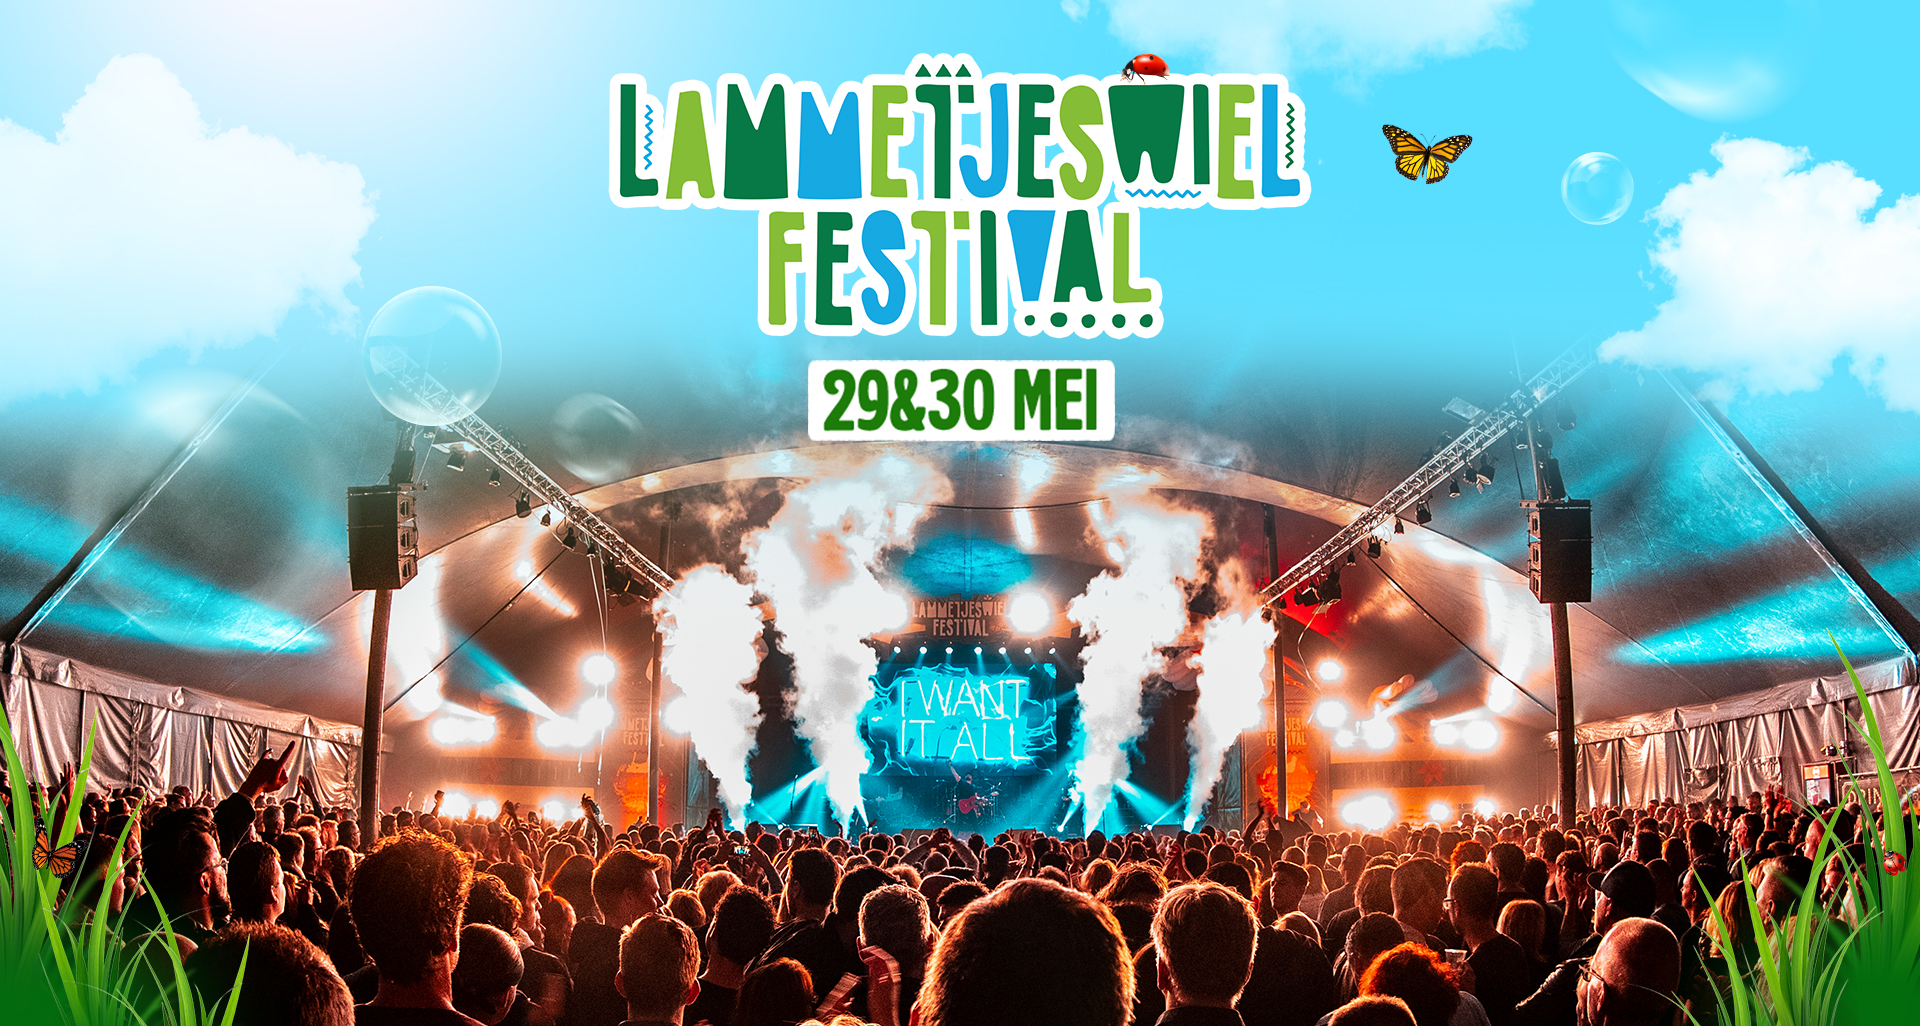 Lammetjeswiel Festival 2020